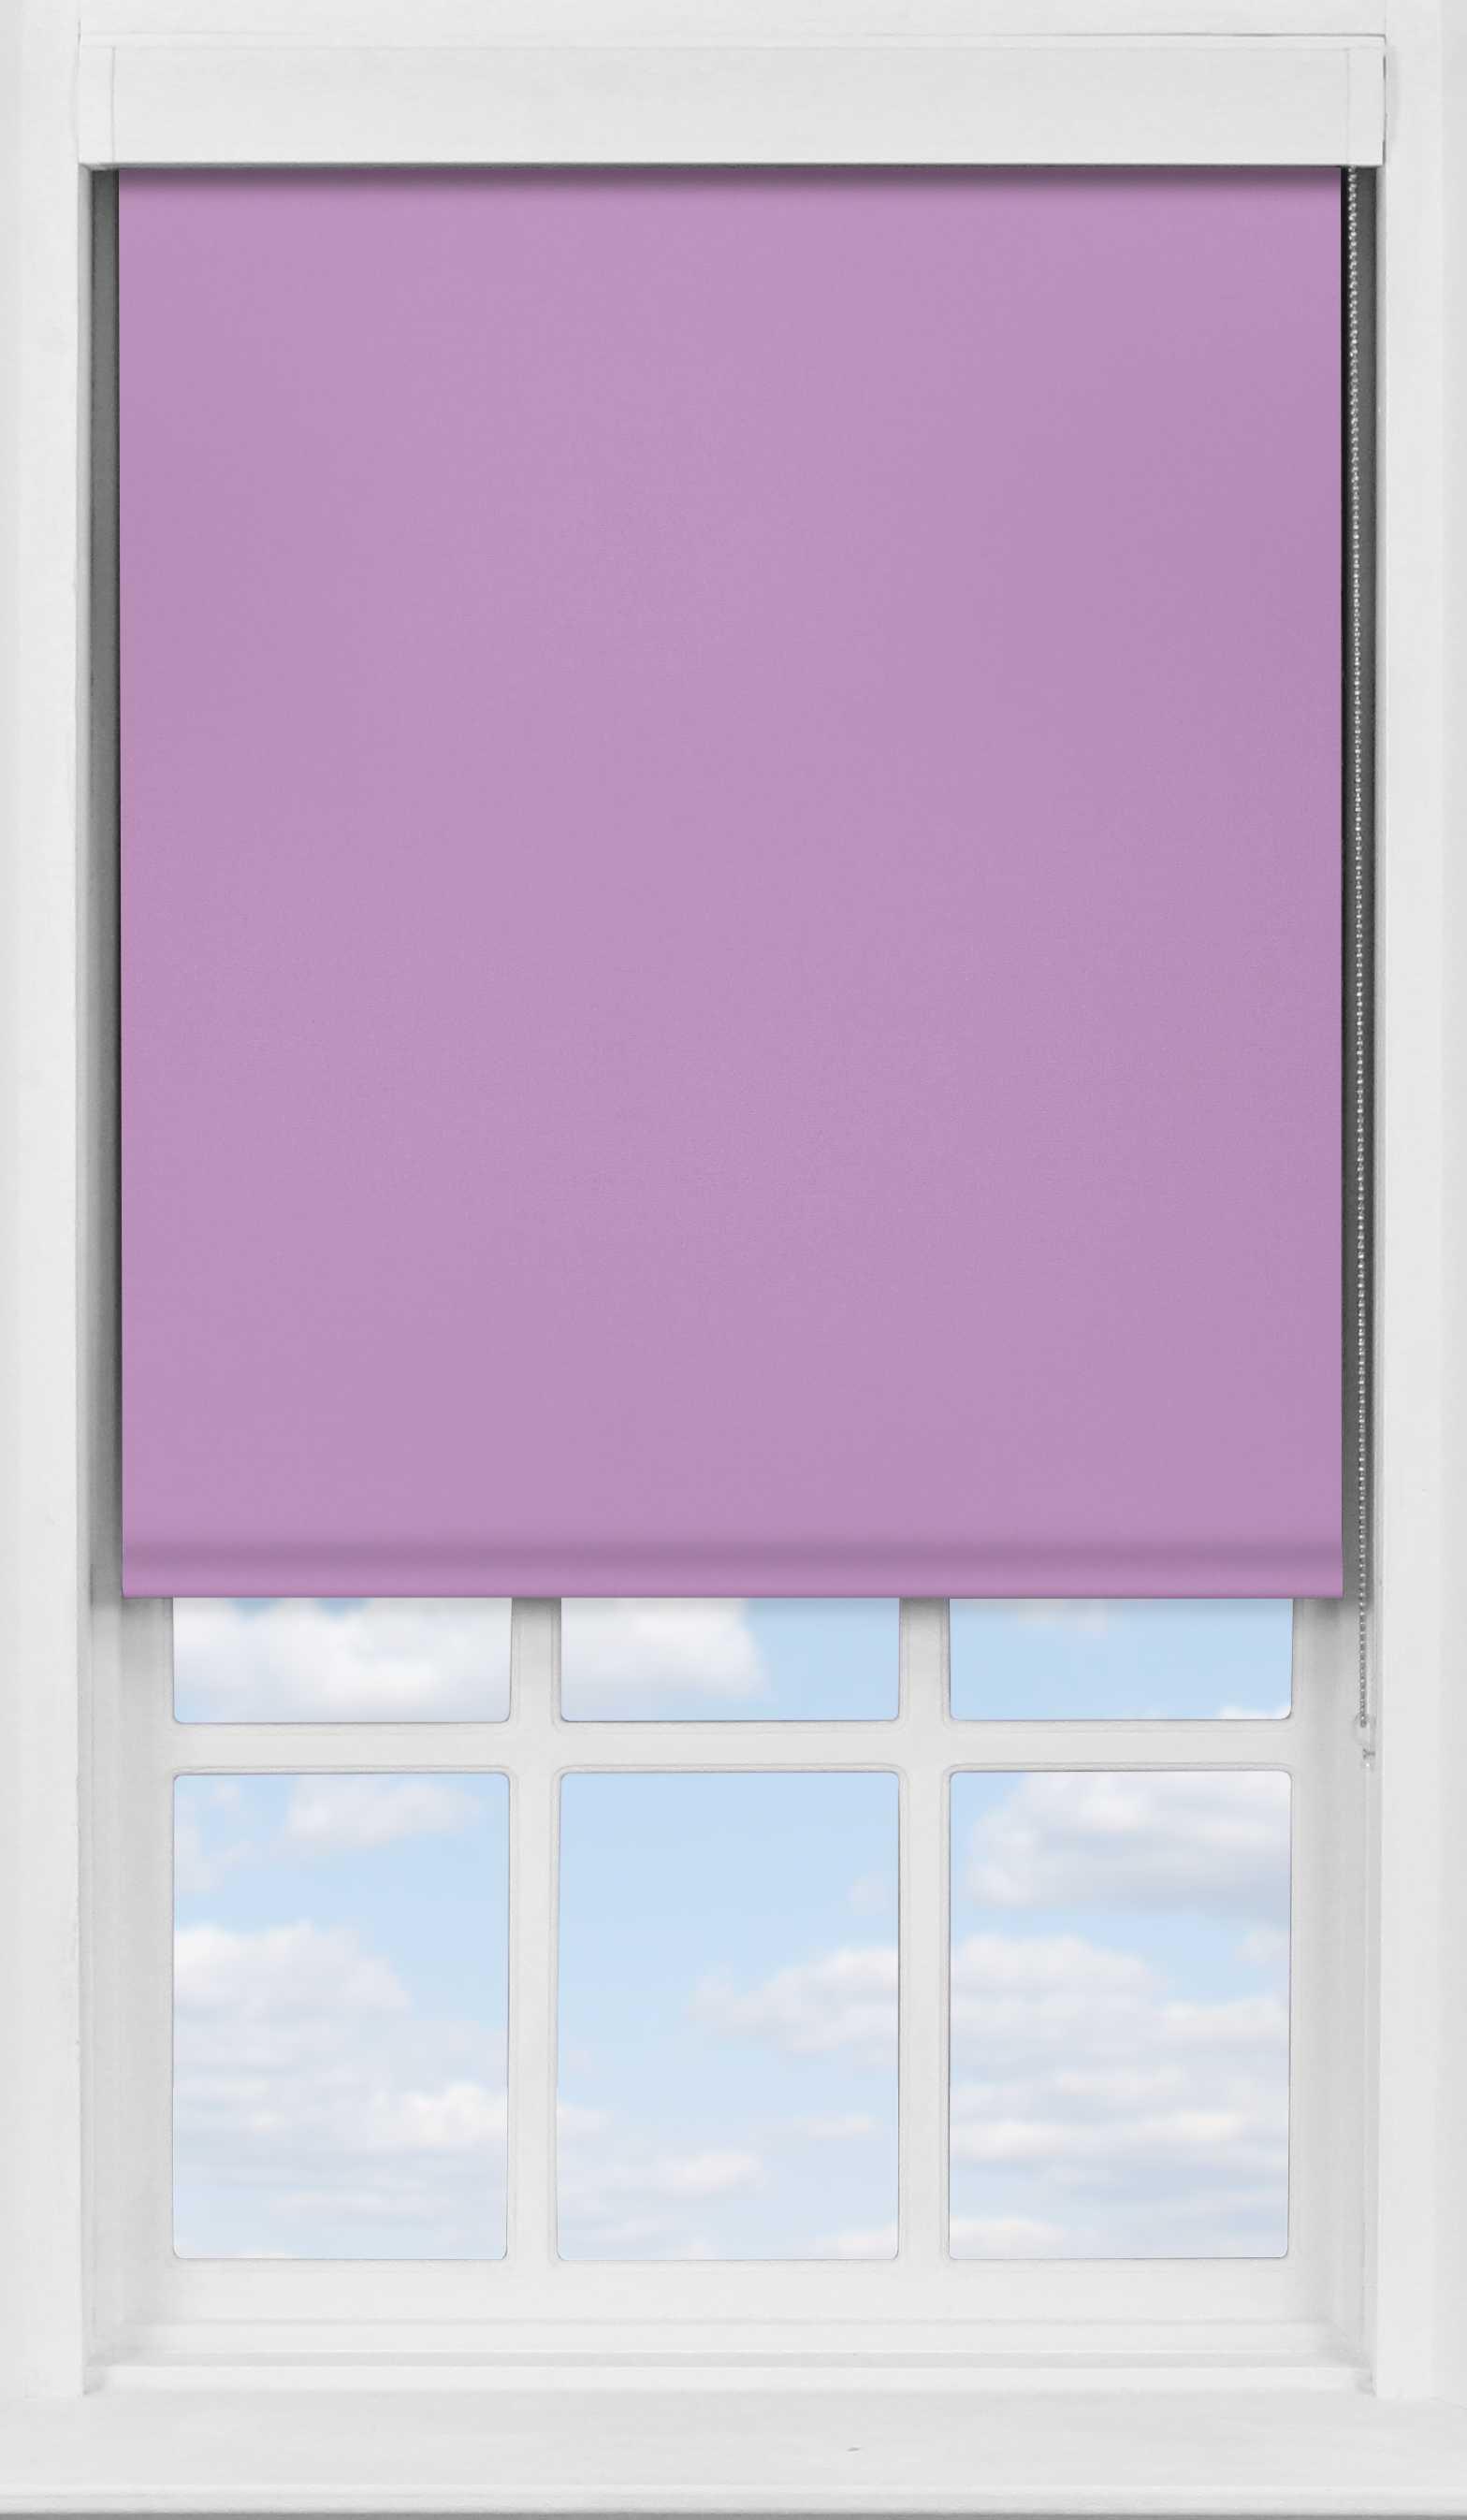 Premium Roller Blind in Lavender Mist Translucent